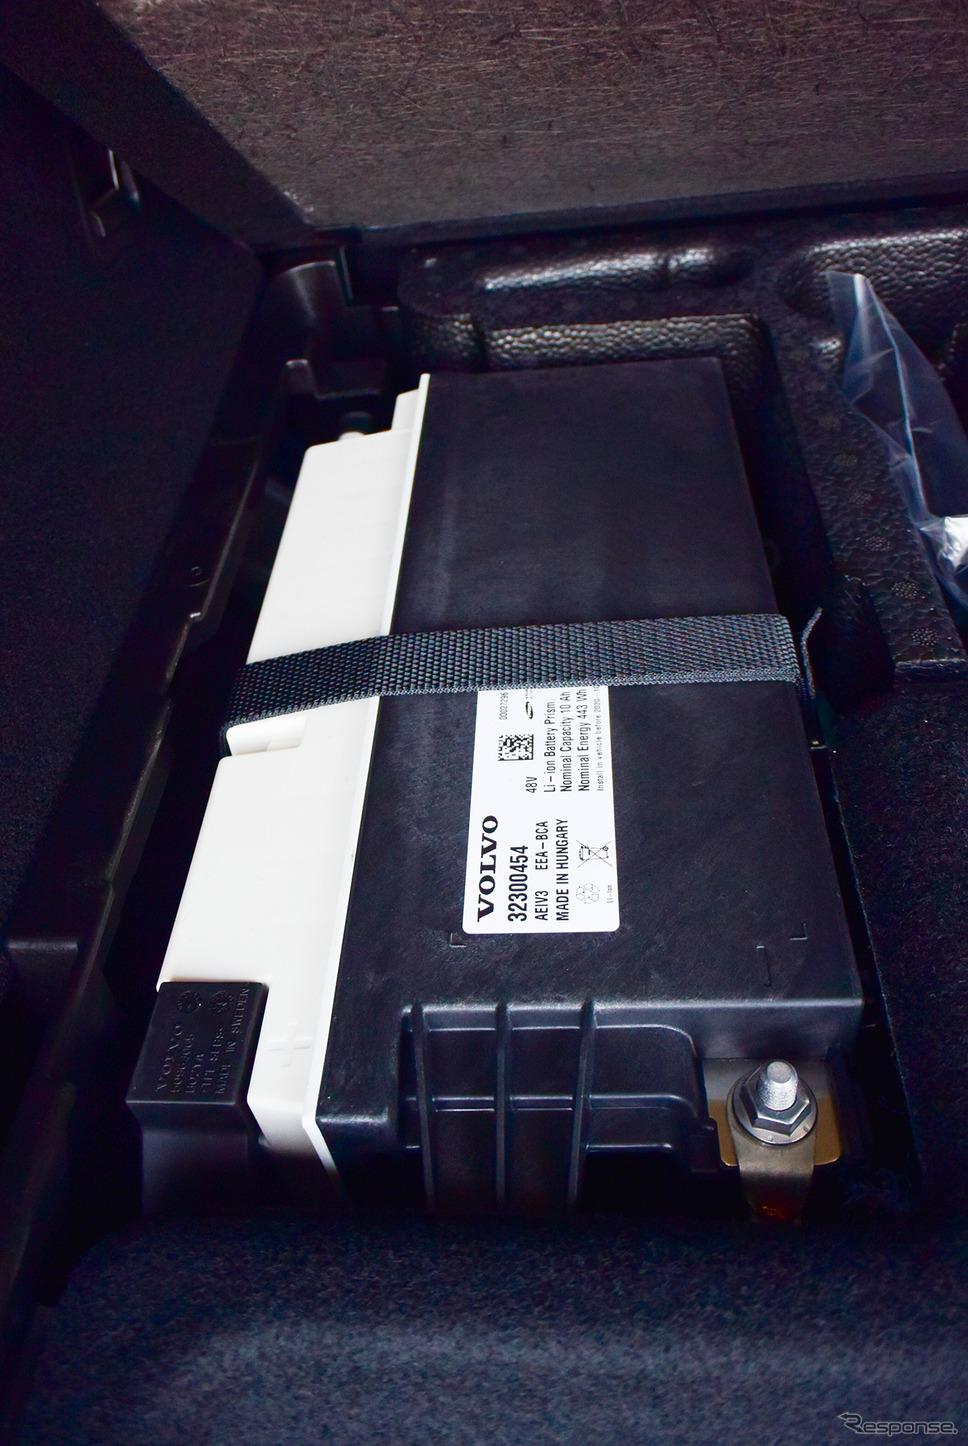 ボルボ XC90 B5 Momentumの48Vハイブリッドの電源を構成するリチウムイオン電池。電池パックのサイズは普通の鉛バッテリーの大容量品と大して変わらない。《写真撮影 井元康一郎》